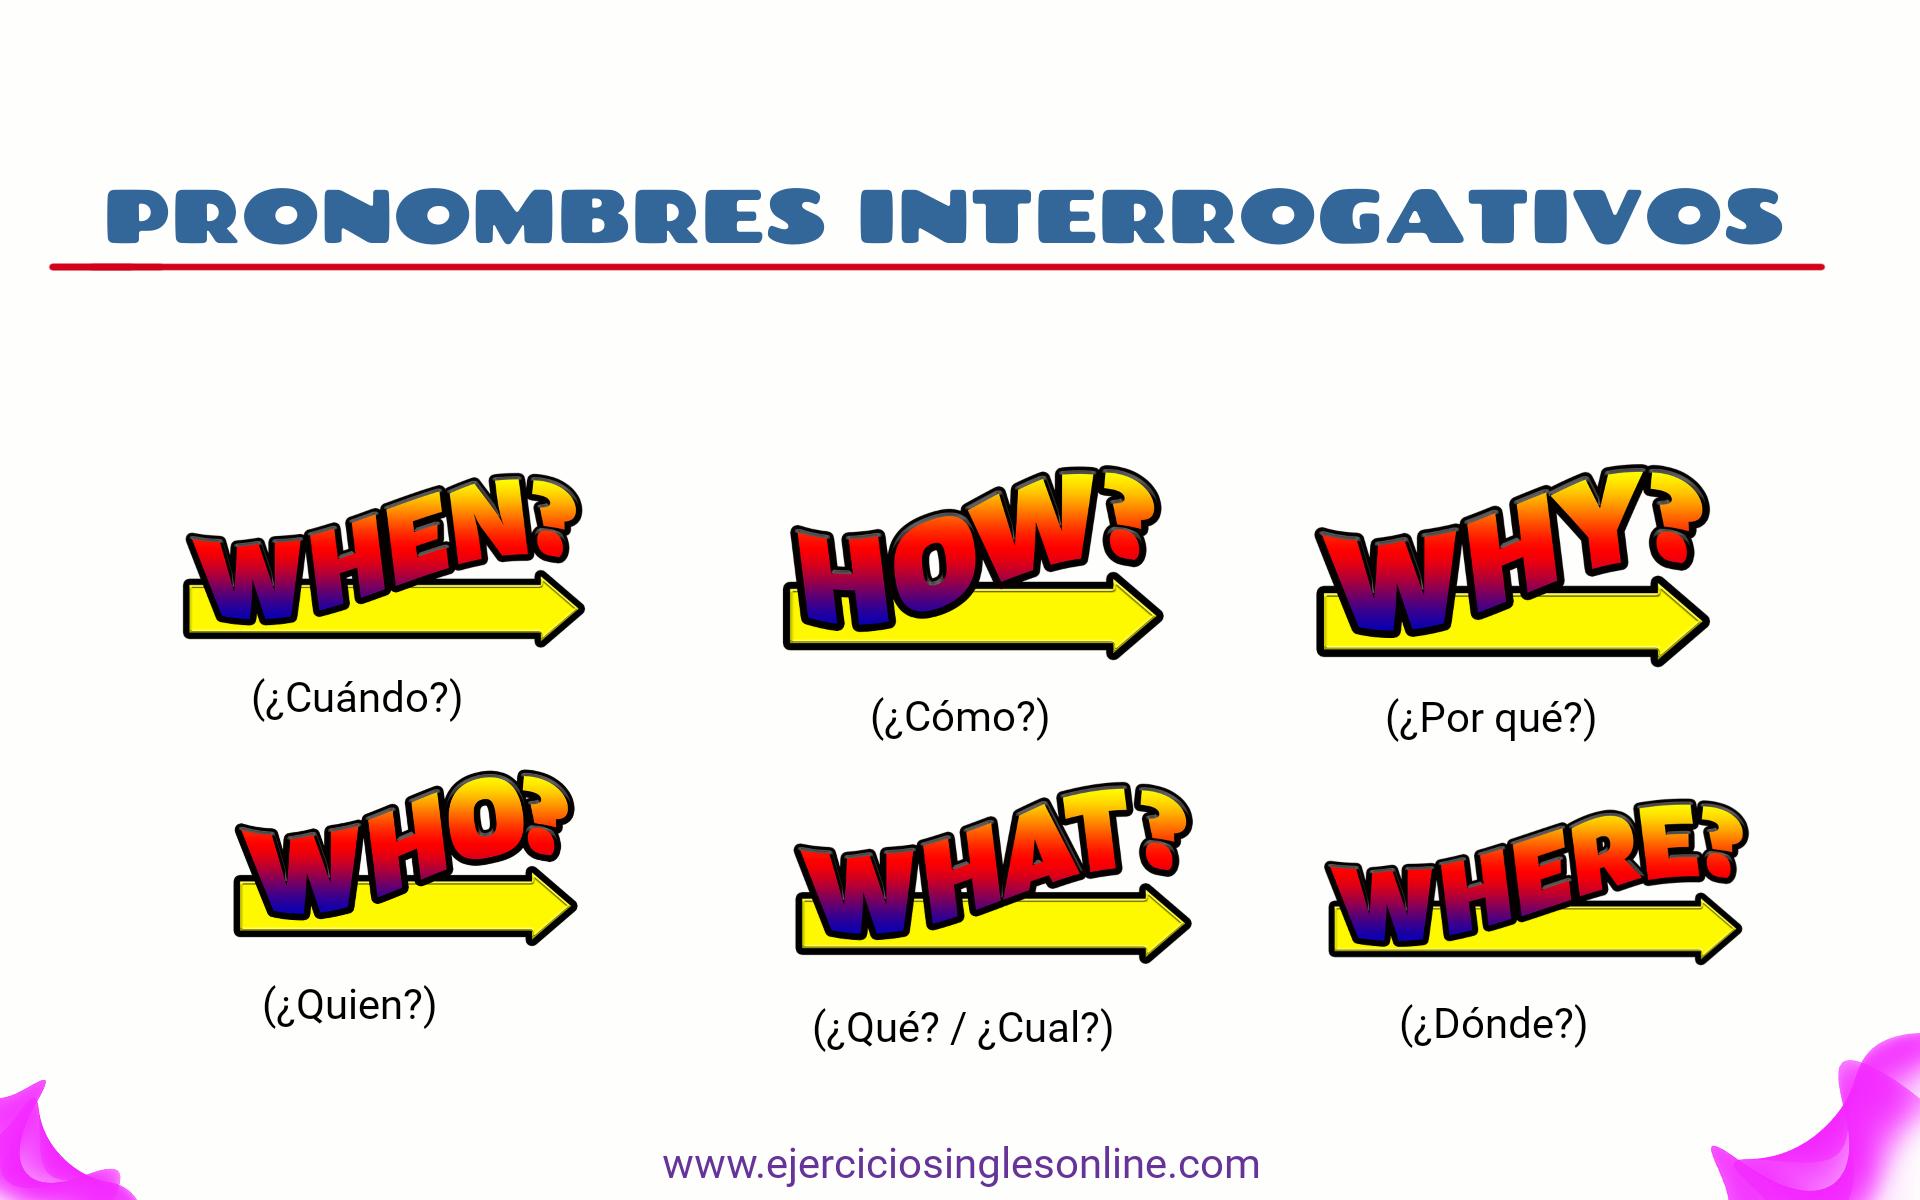 Ejercicio pronombres interrogativos en inglés